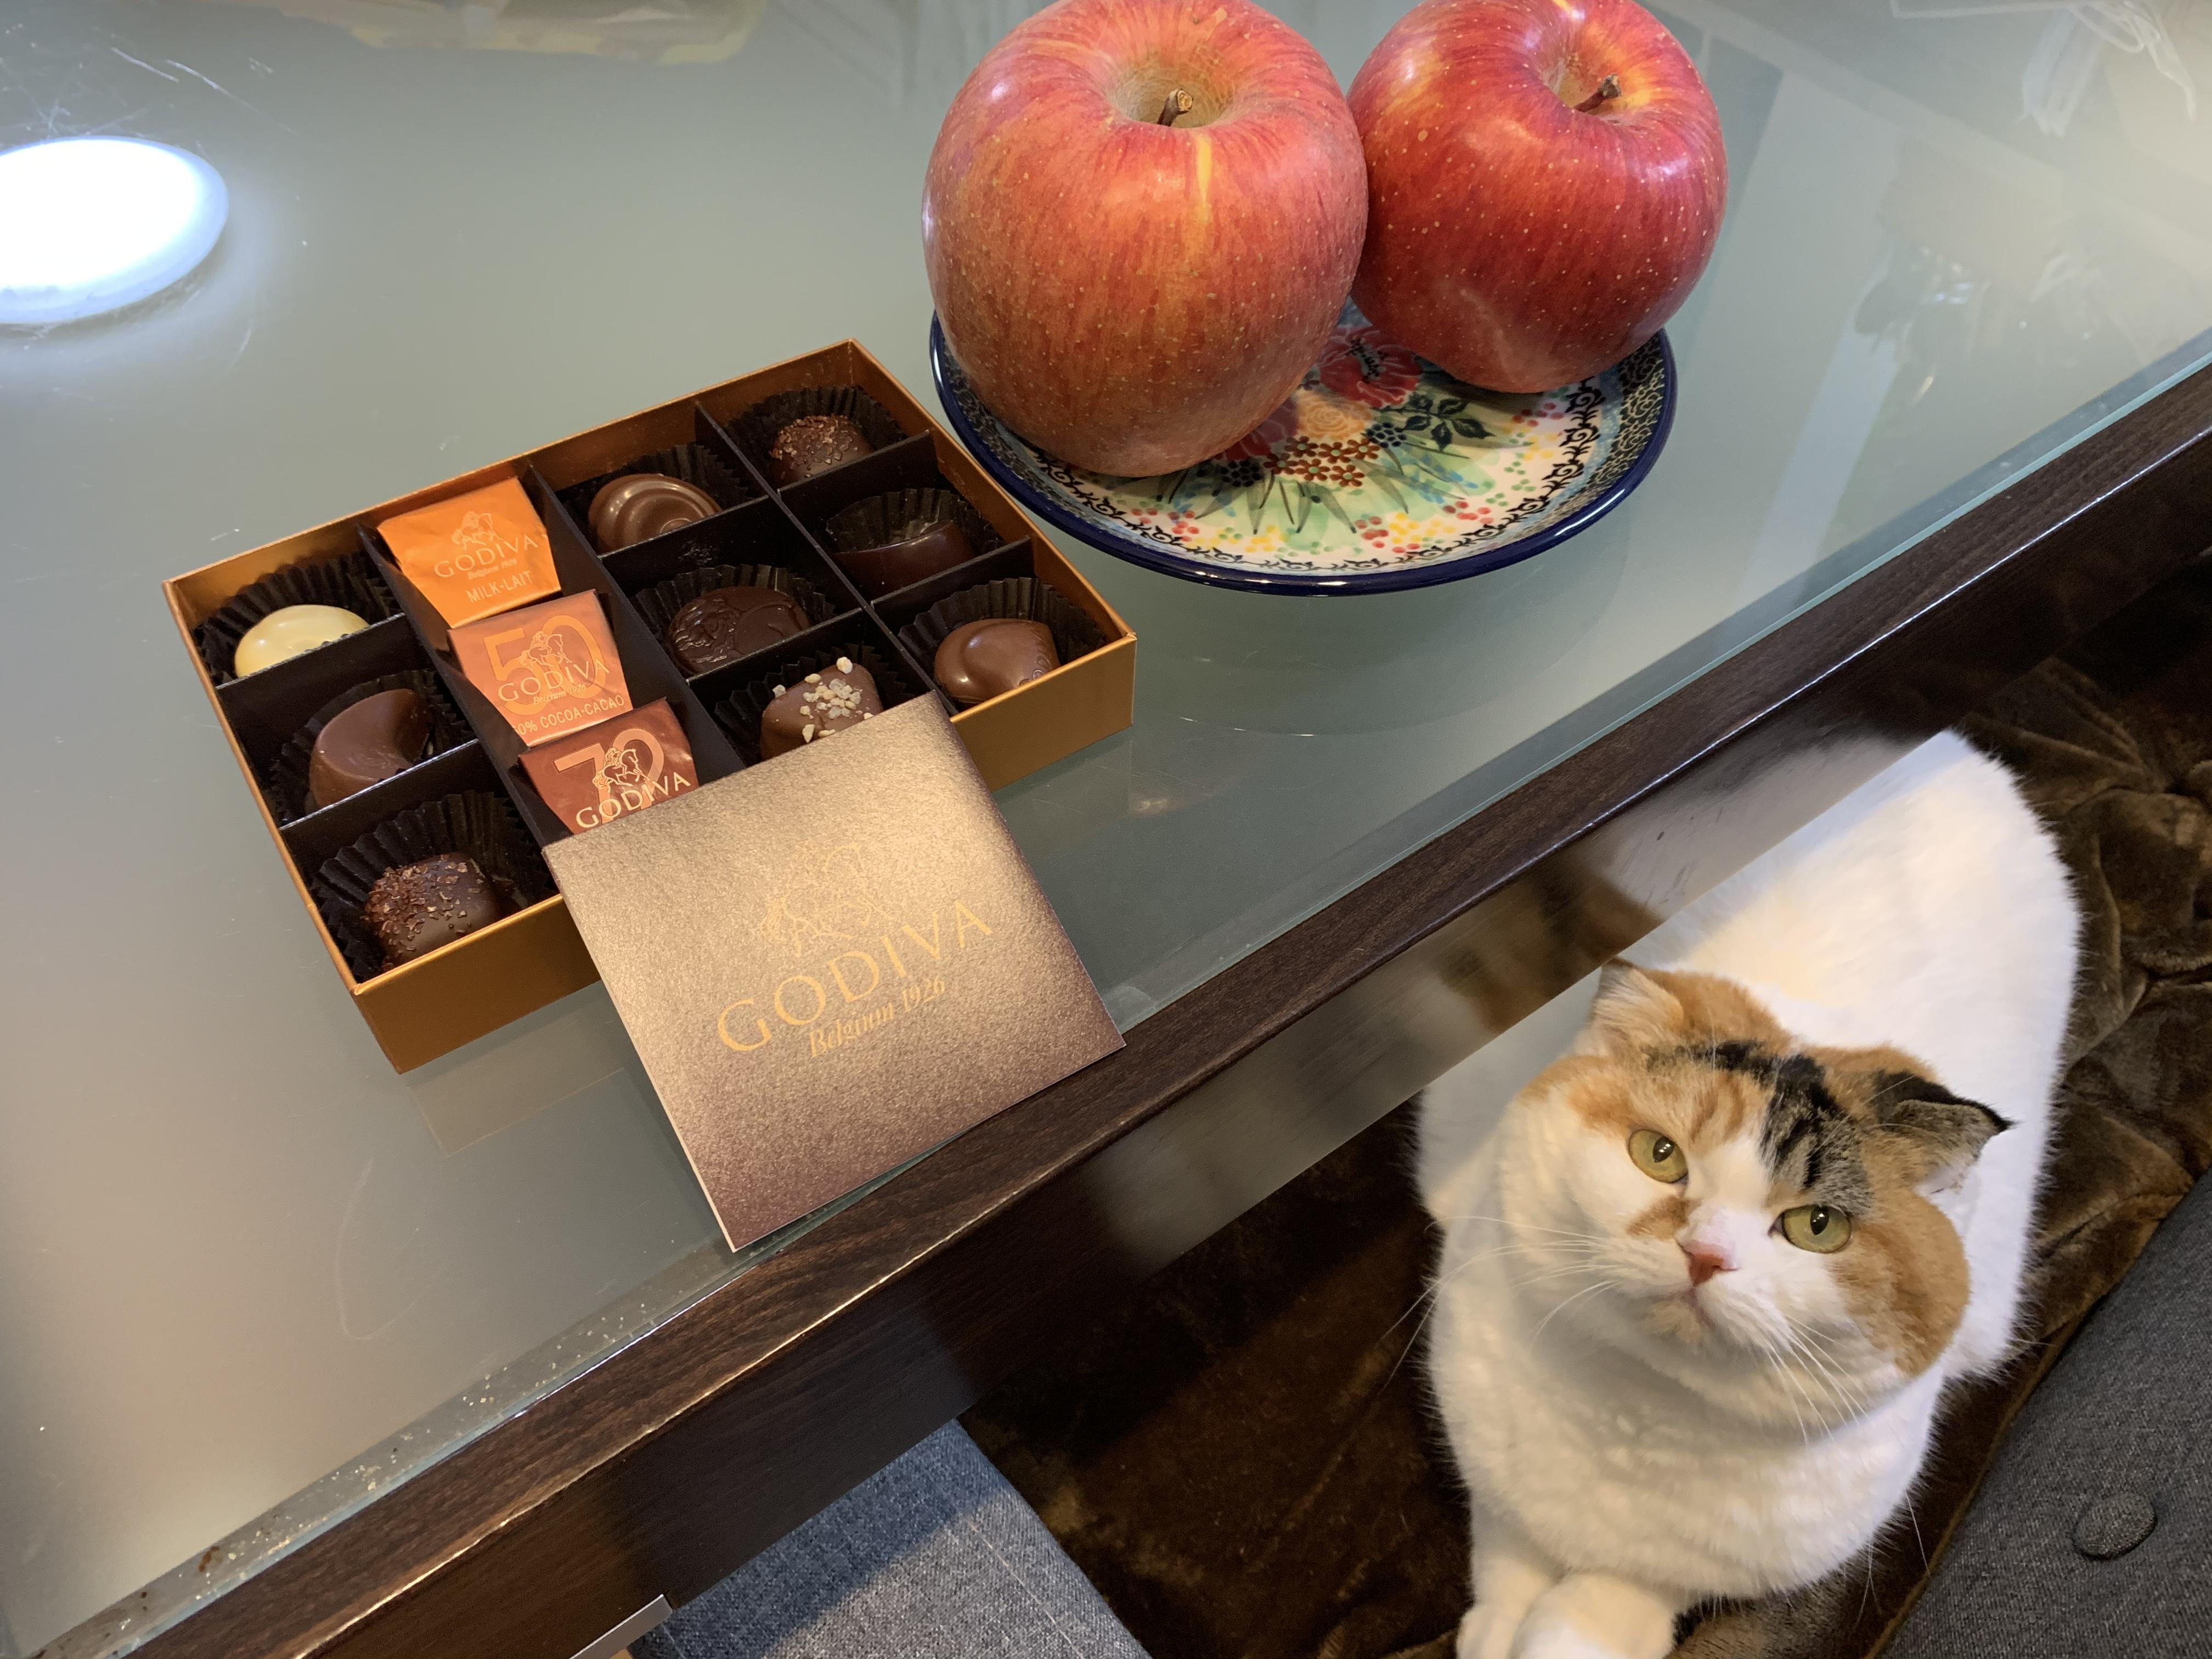 [ブログ]大きなリンゴとGODIVA   とれんげちゃん